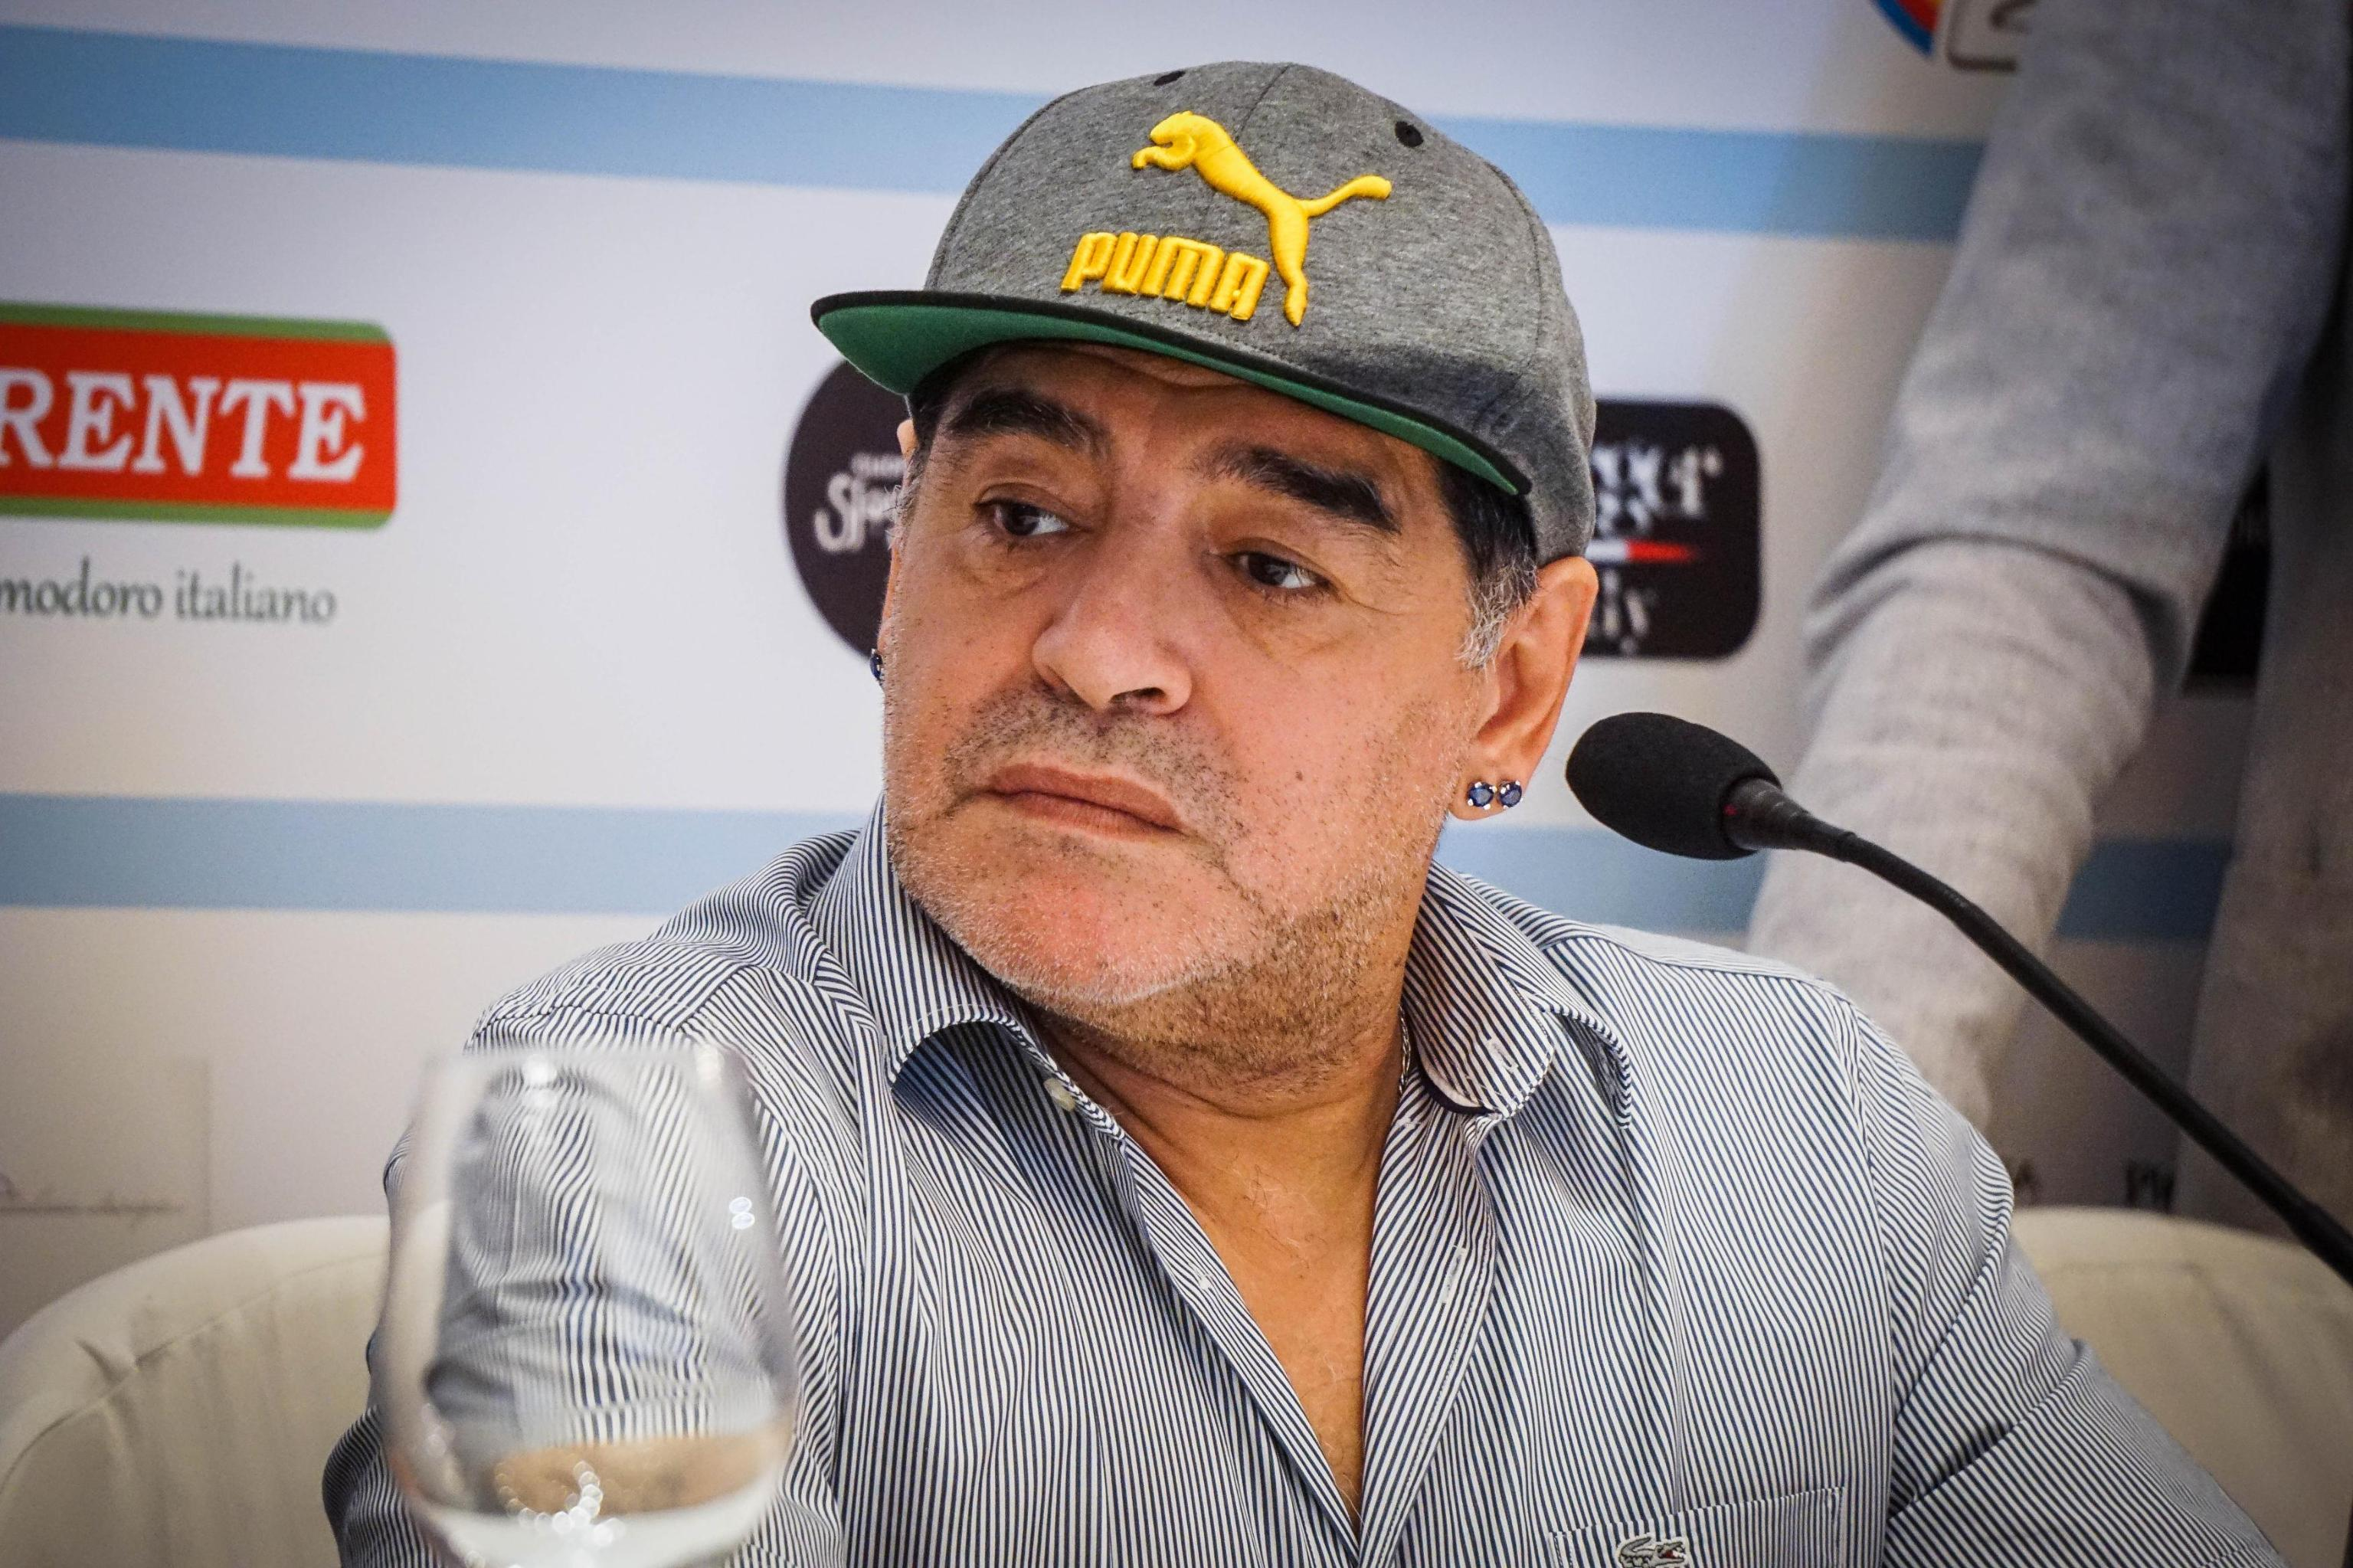 Diego Armando Maradona e il Venezuela, il post su Facebook: 'Sto con Maduro, chavista fino alla morte'